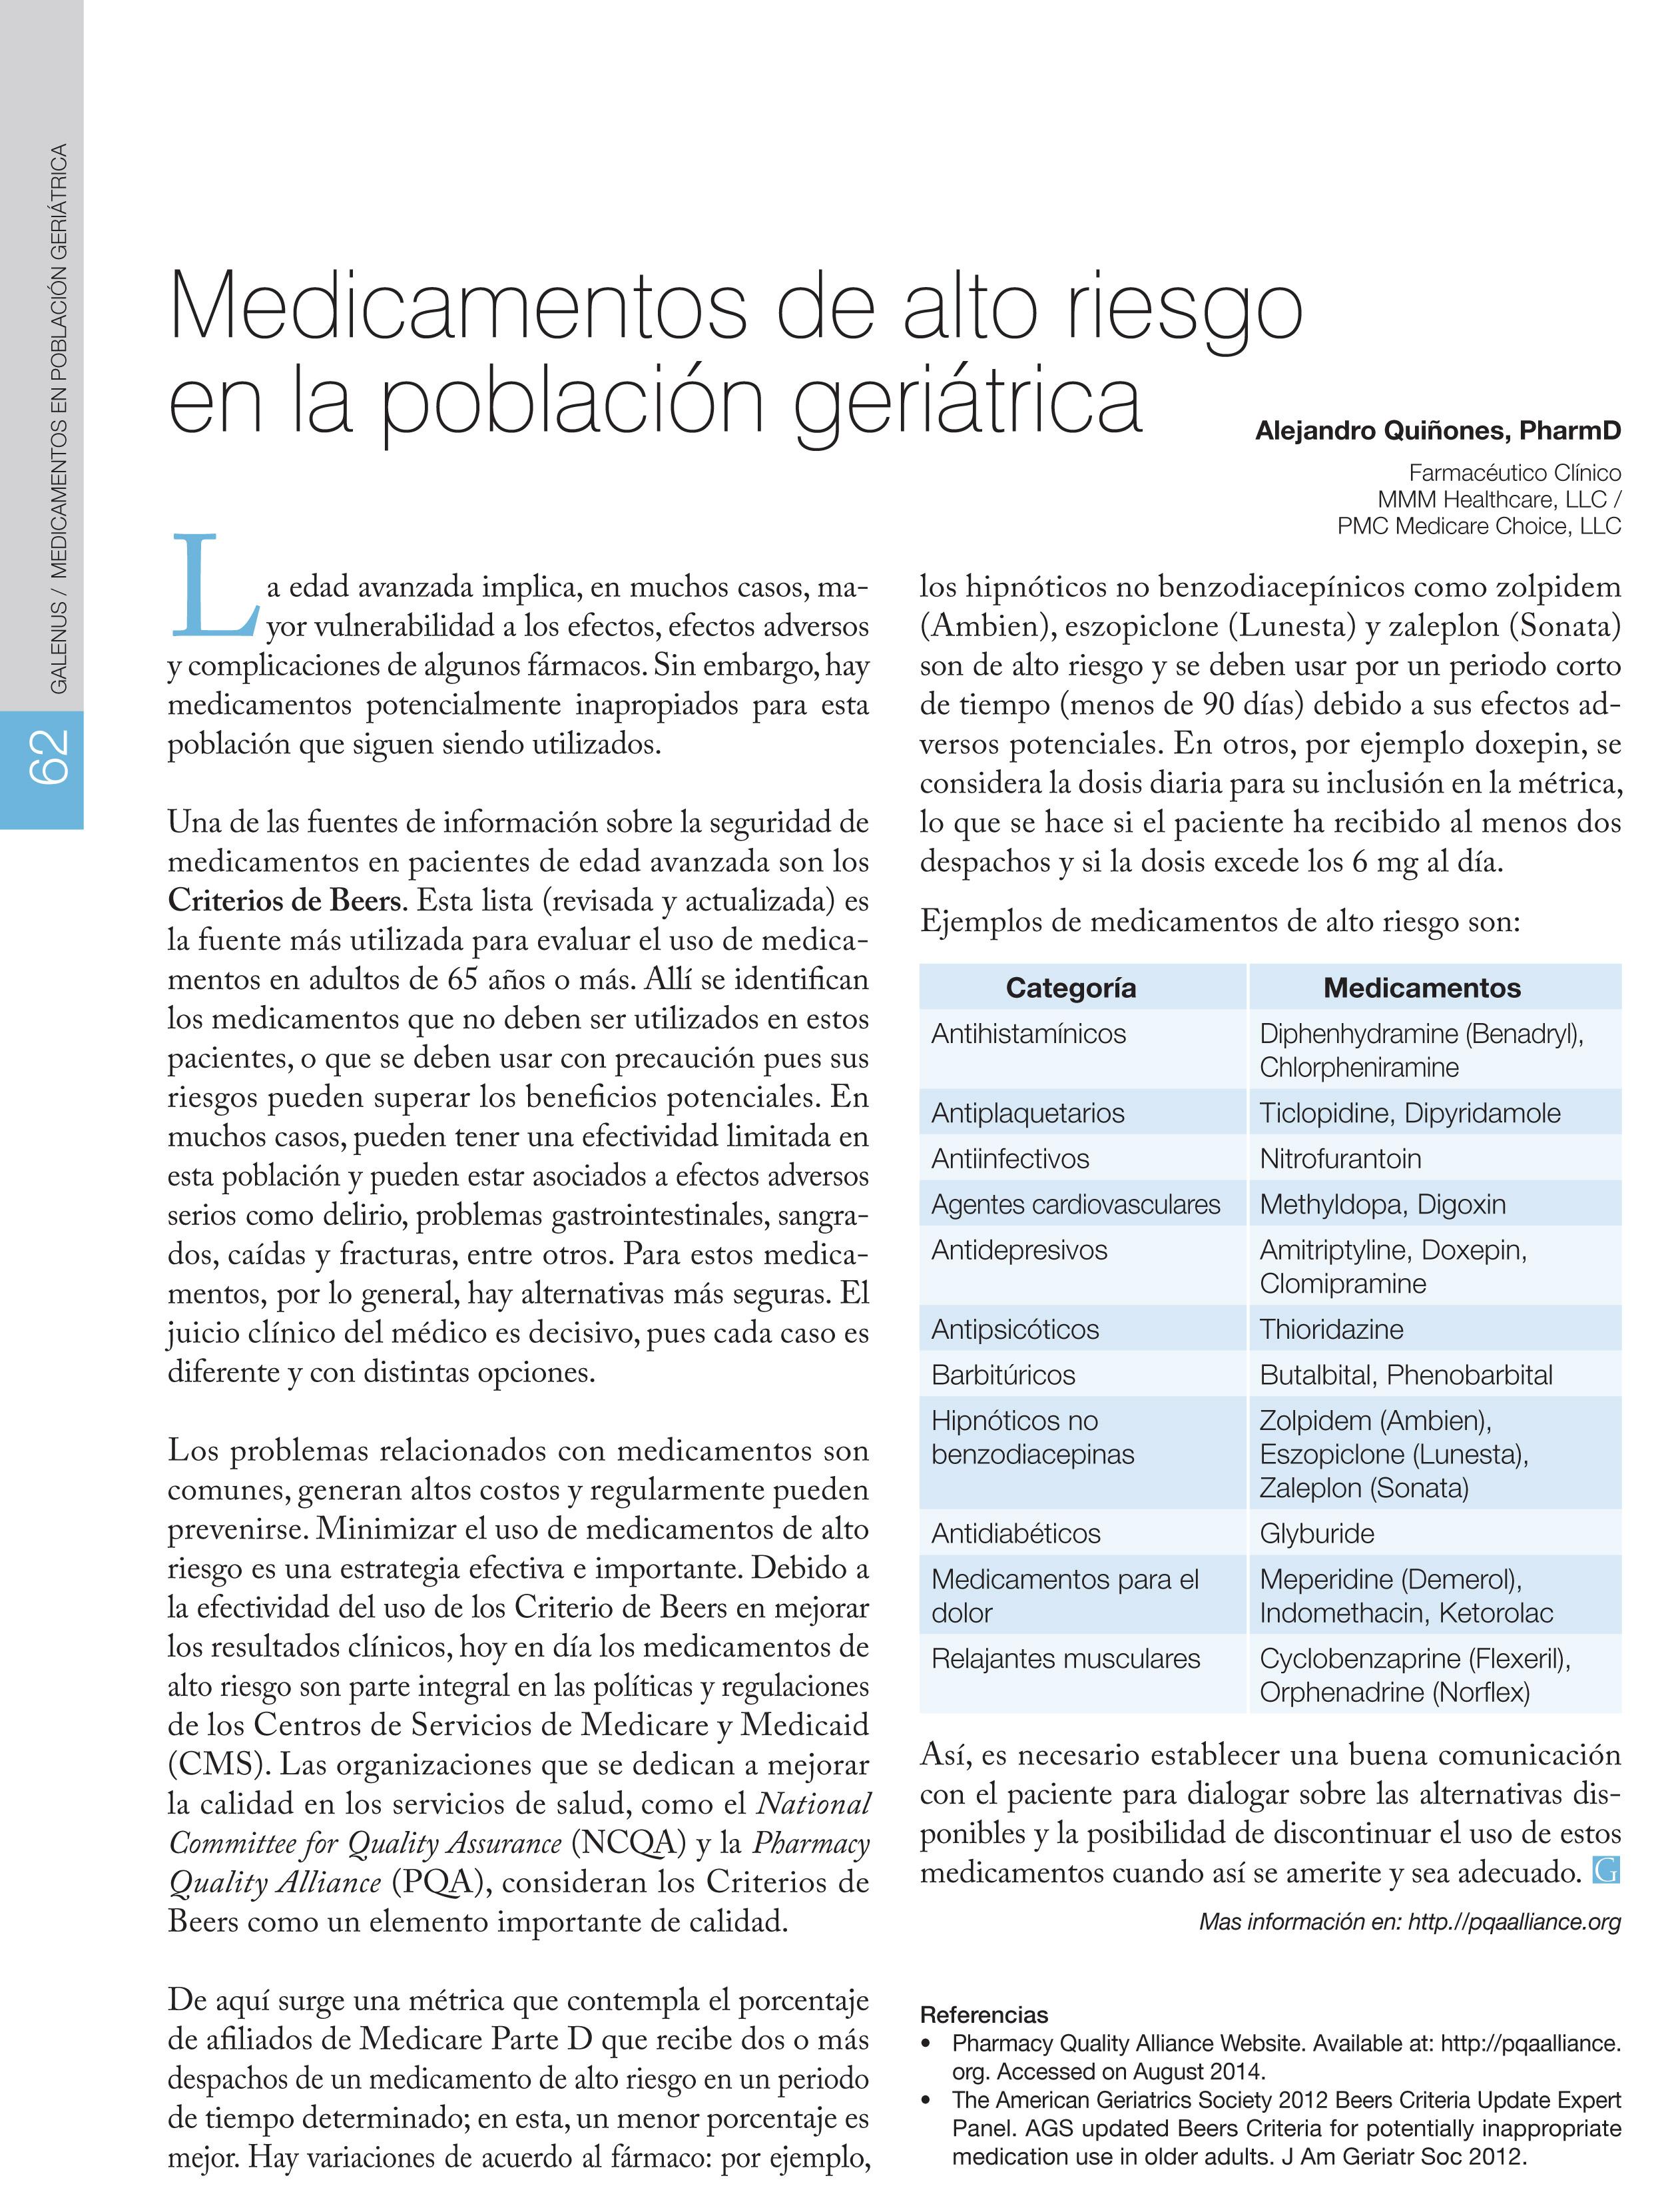 Medicamentos de alto riesgo en la población geriátrica